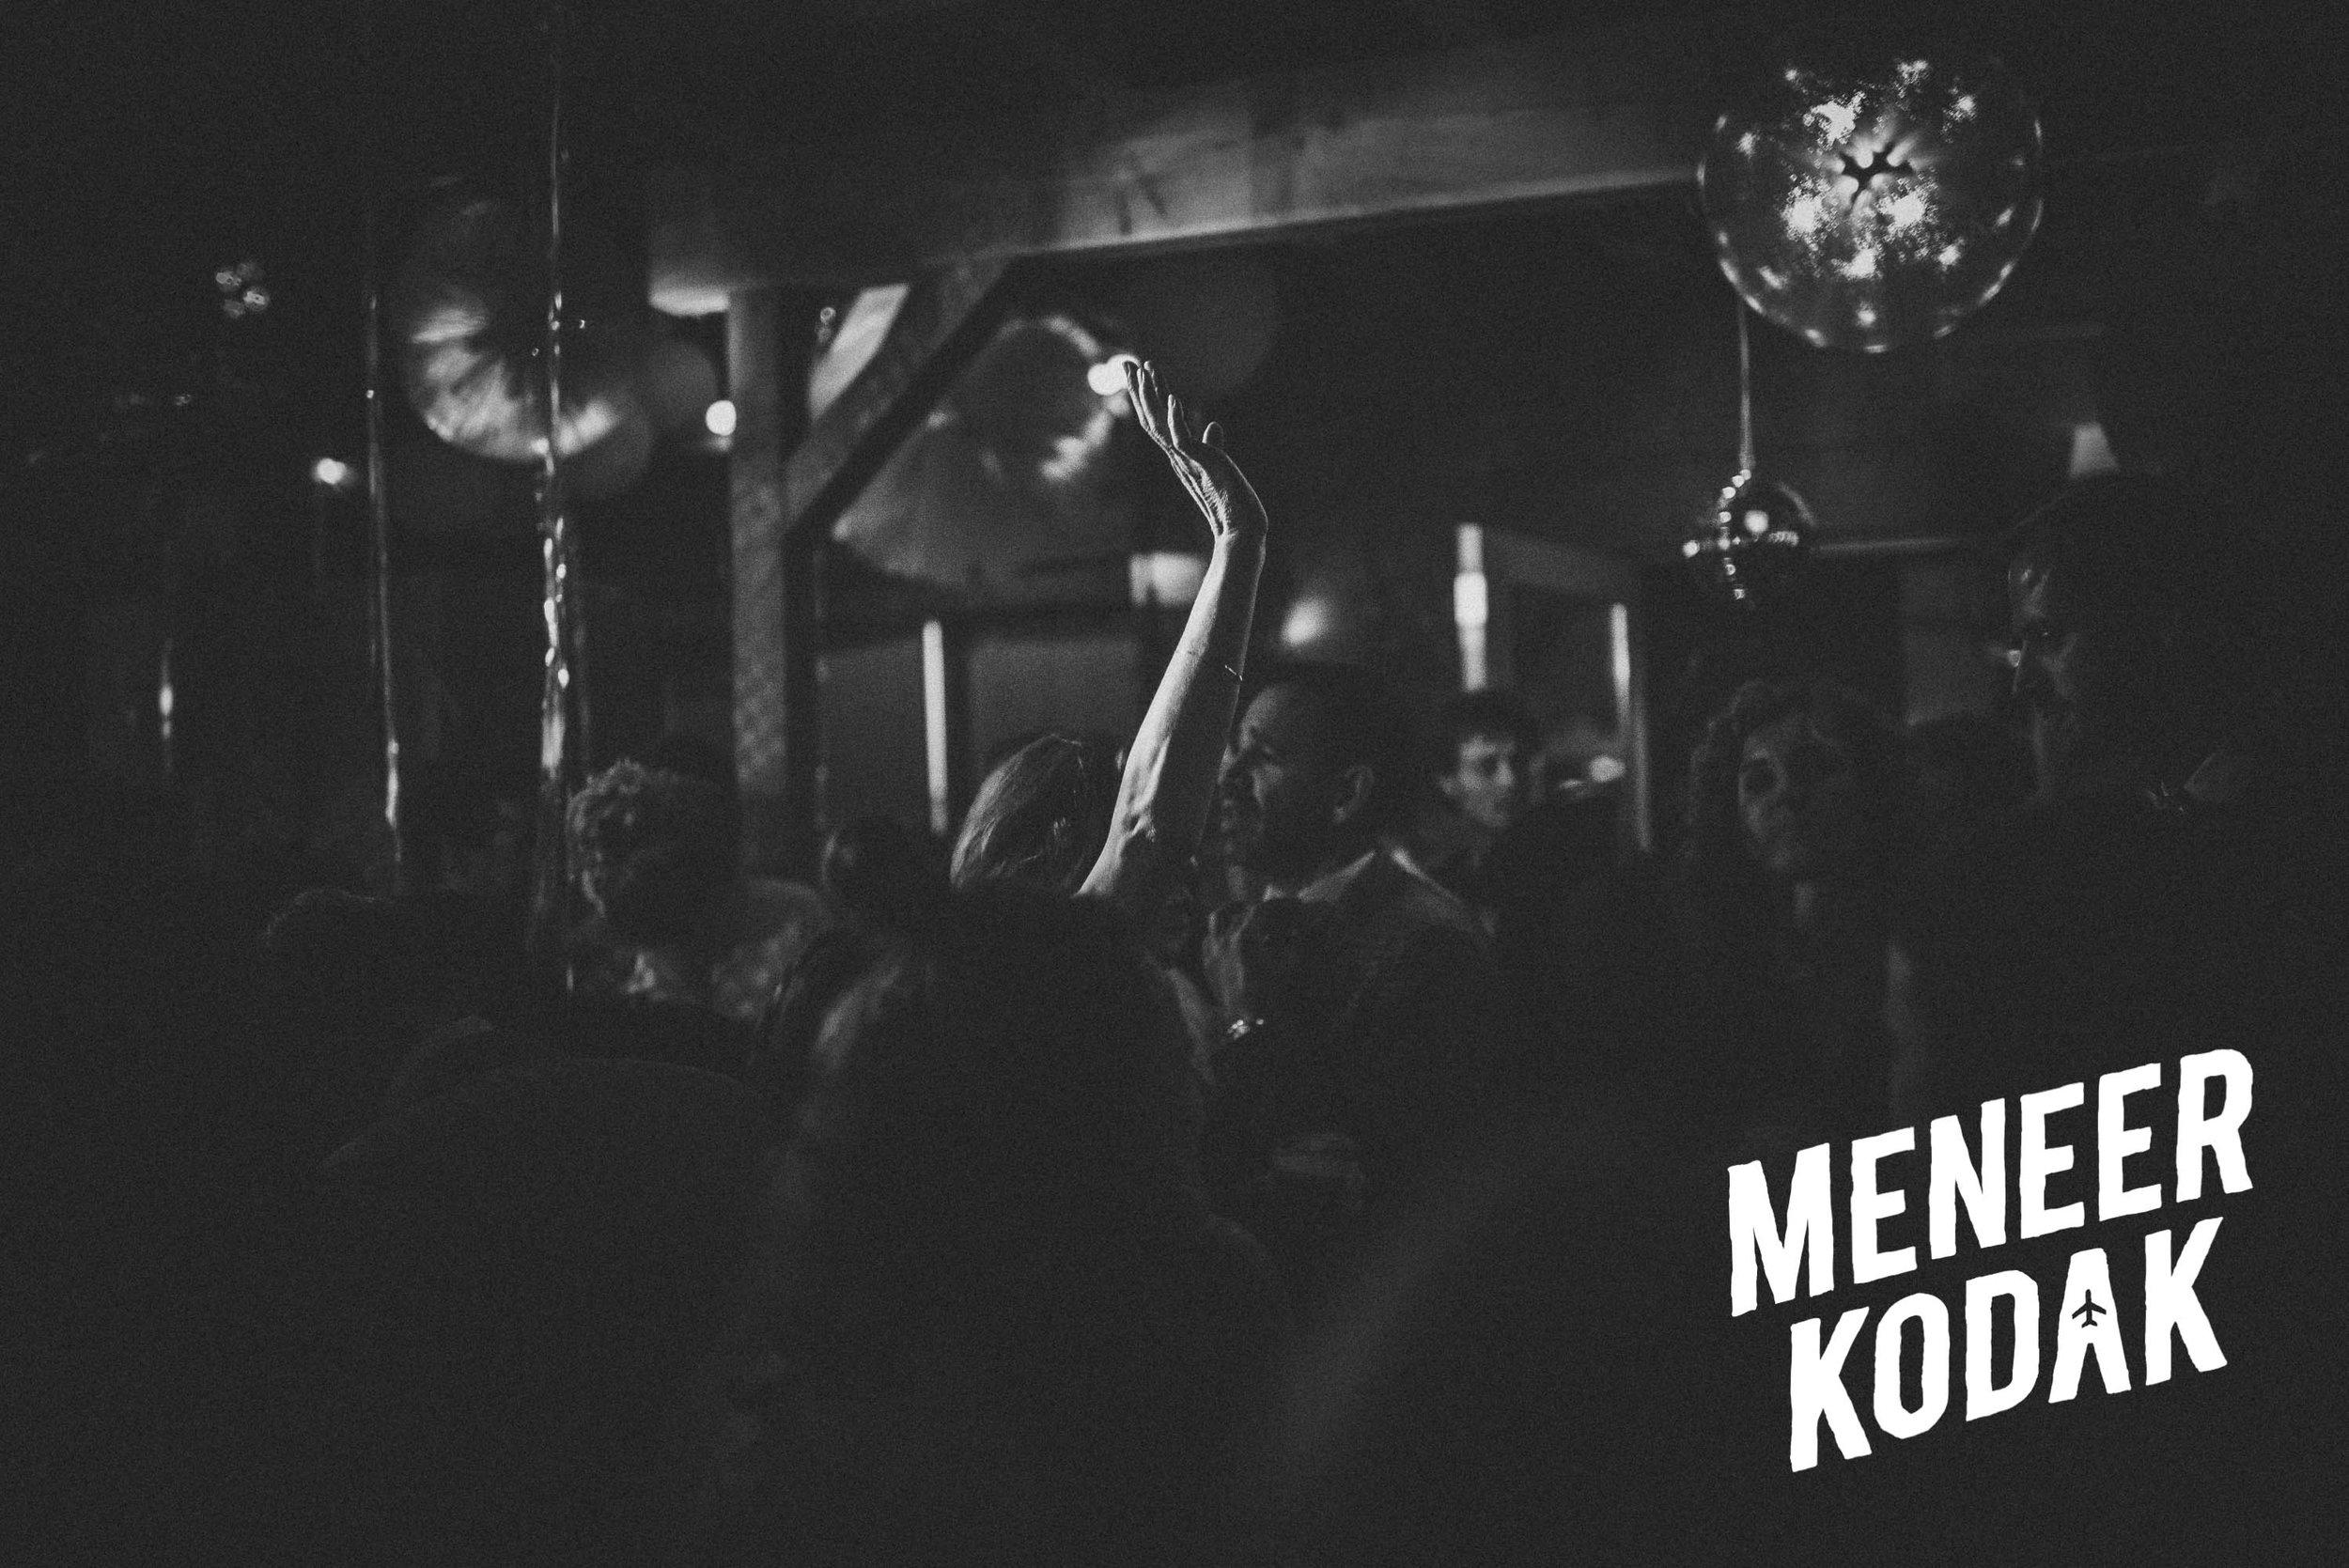 Meneer Kodak - Bruidsfotograaf - Amsterdam - M&J-052.jpg